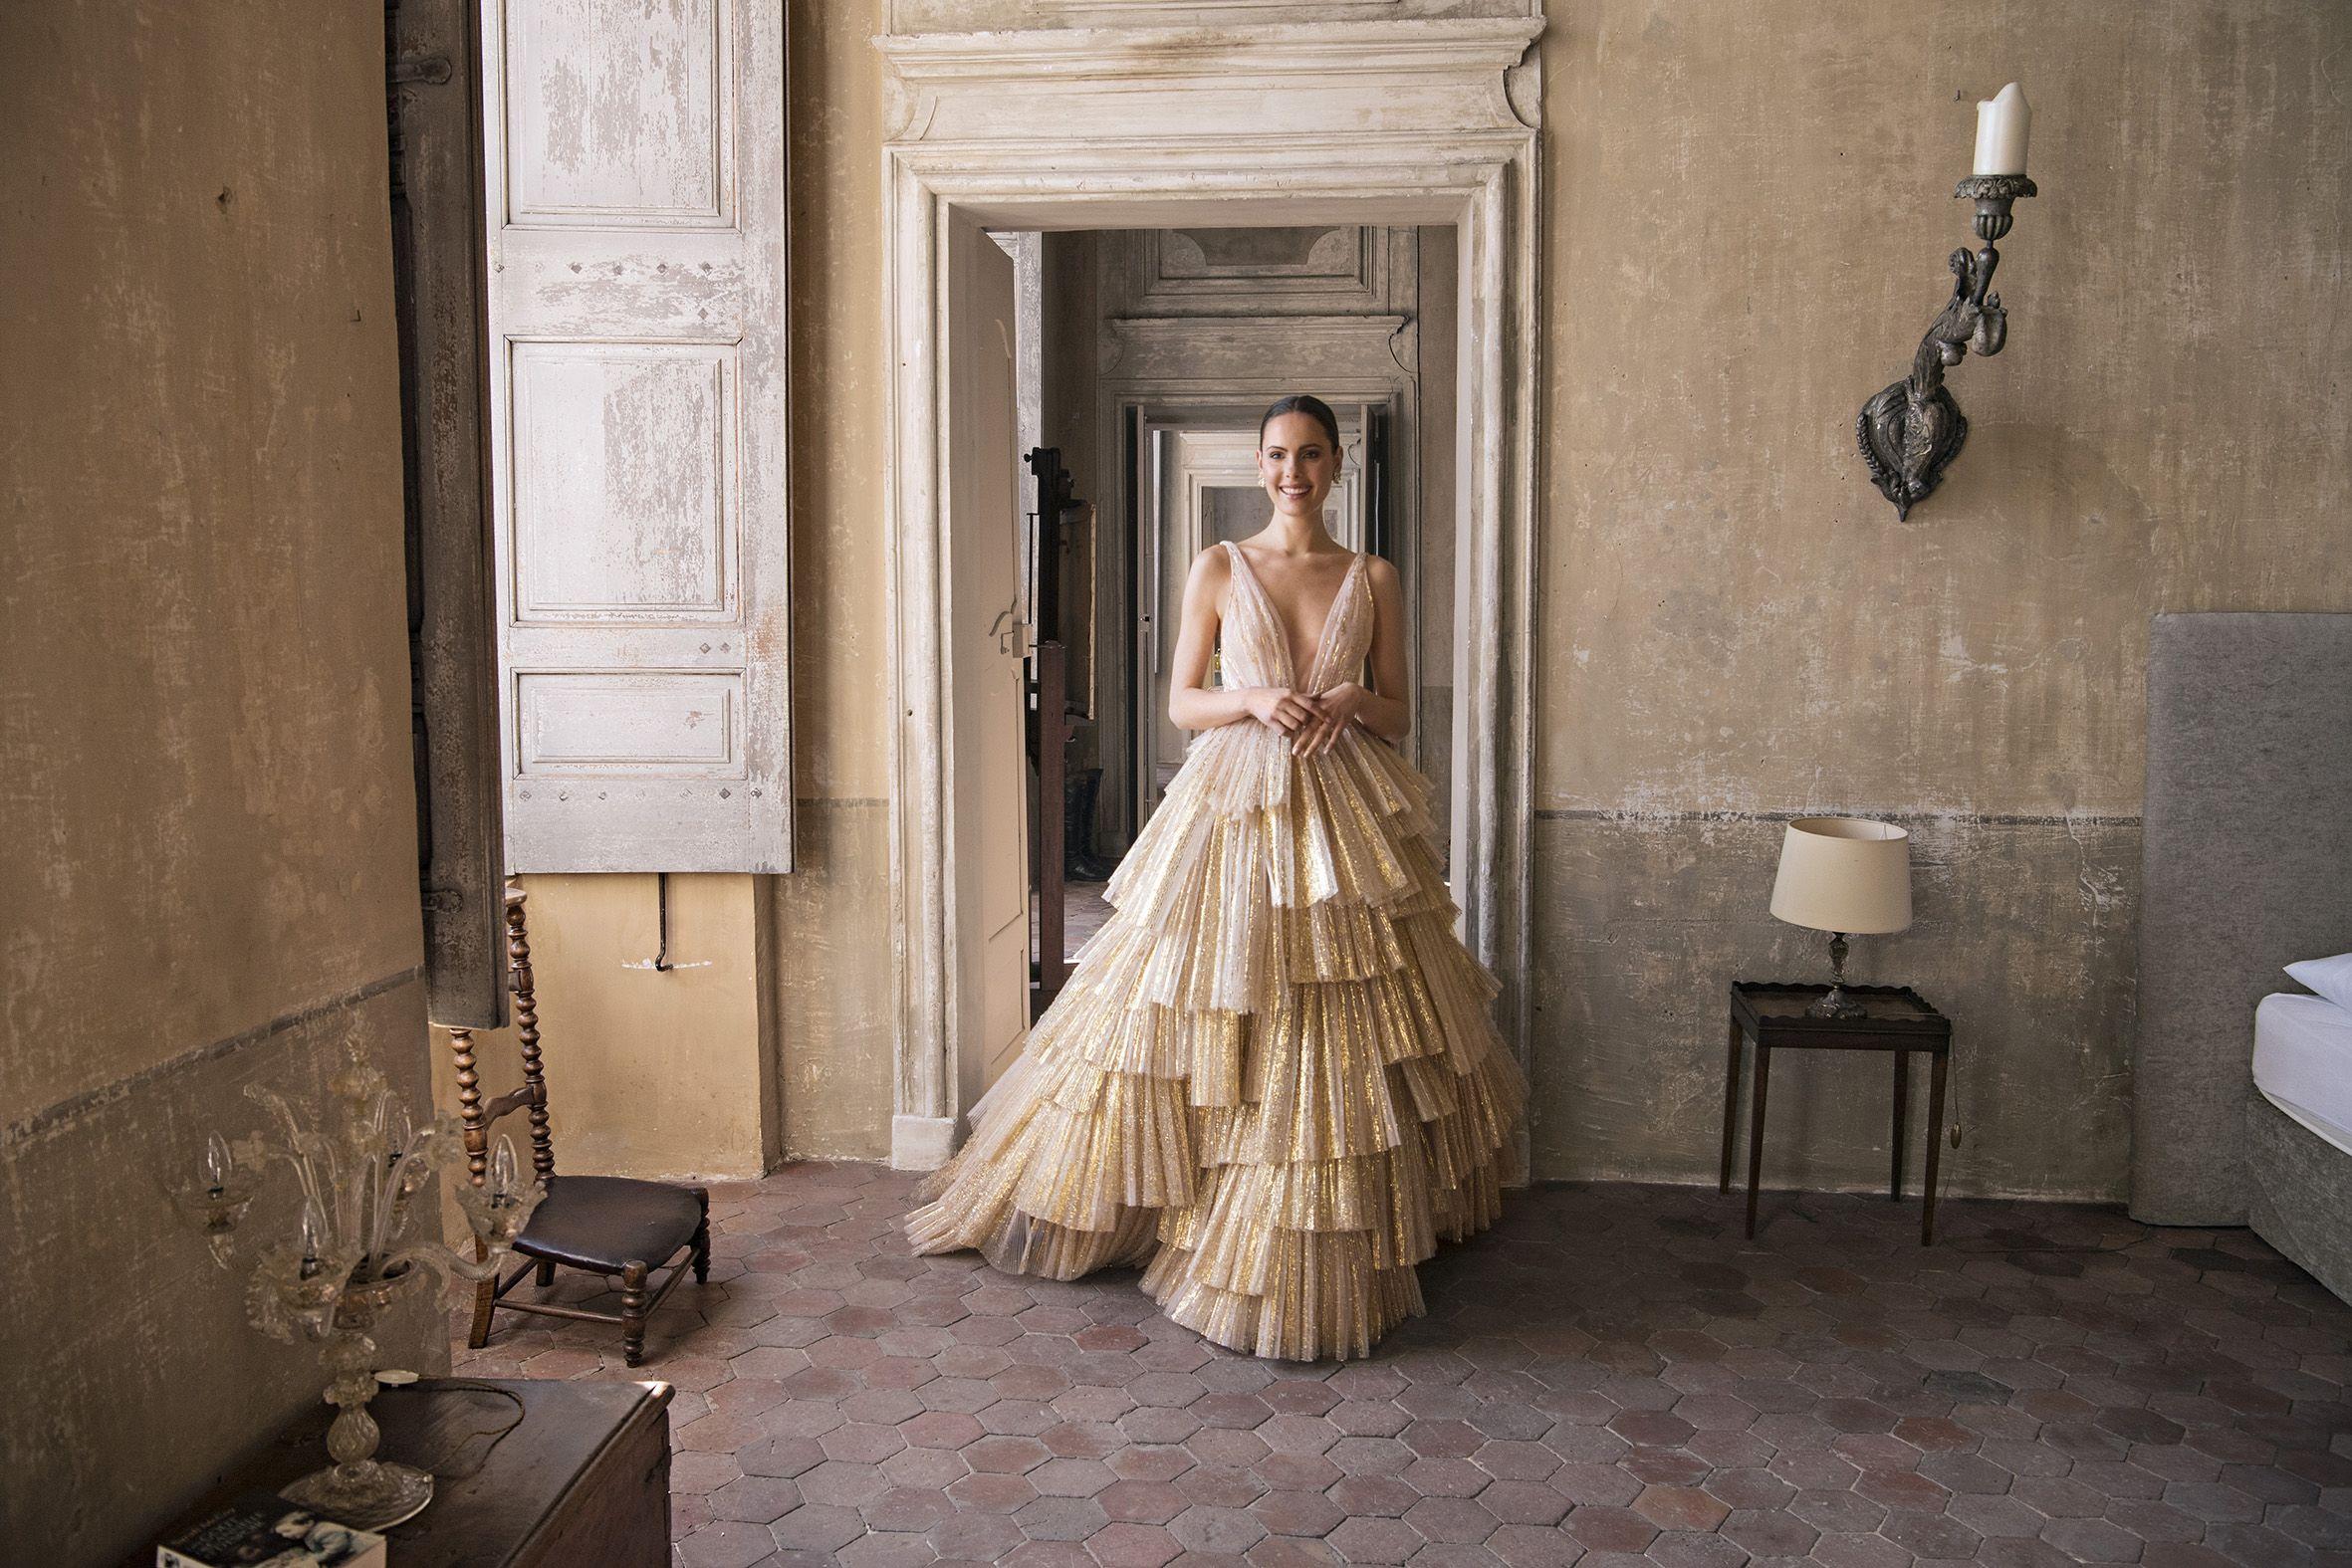 Peter Sera Collezione E Di Langner Sposa Moda 2019La OPk0n8w